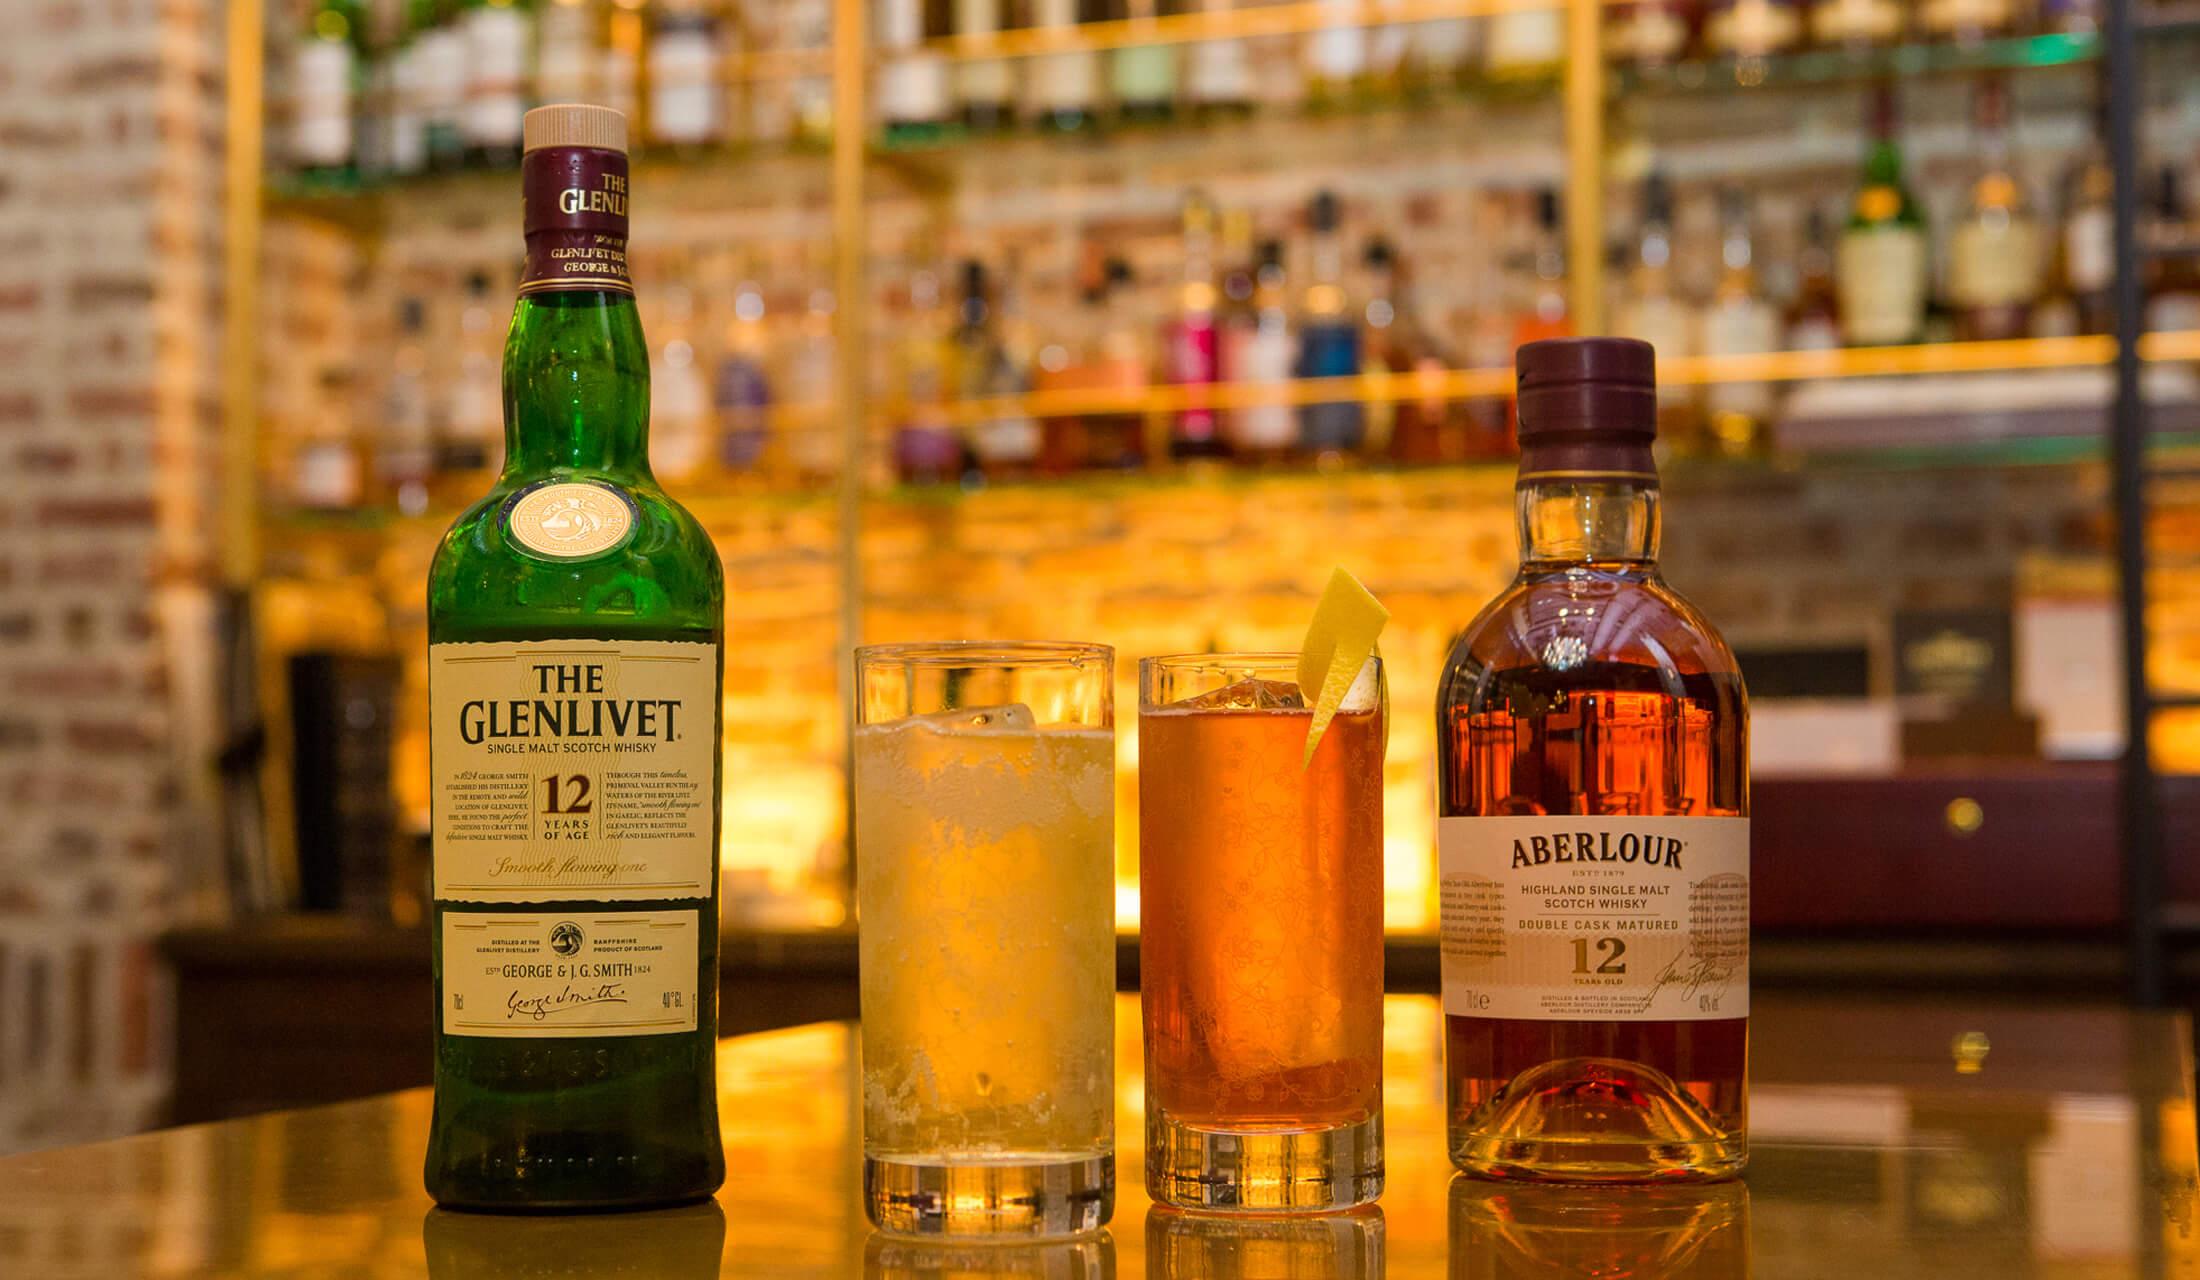 12年のグレンリベットのボトルと12年のアベラワーのボトルの間に、それぞれのウイスキーで作られたハイボールが2つ置かれている